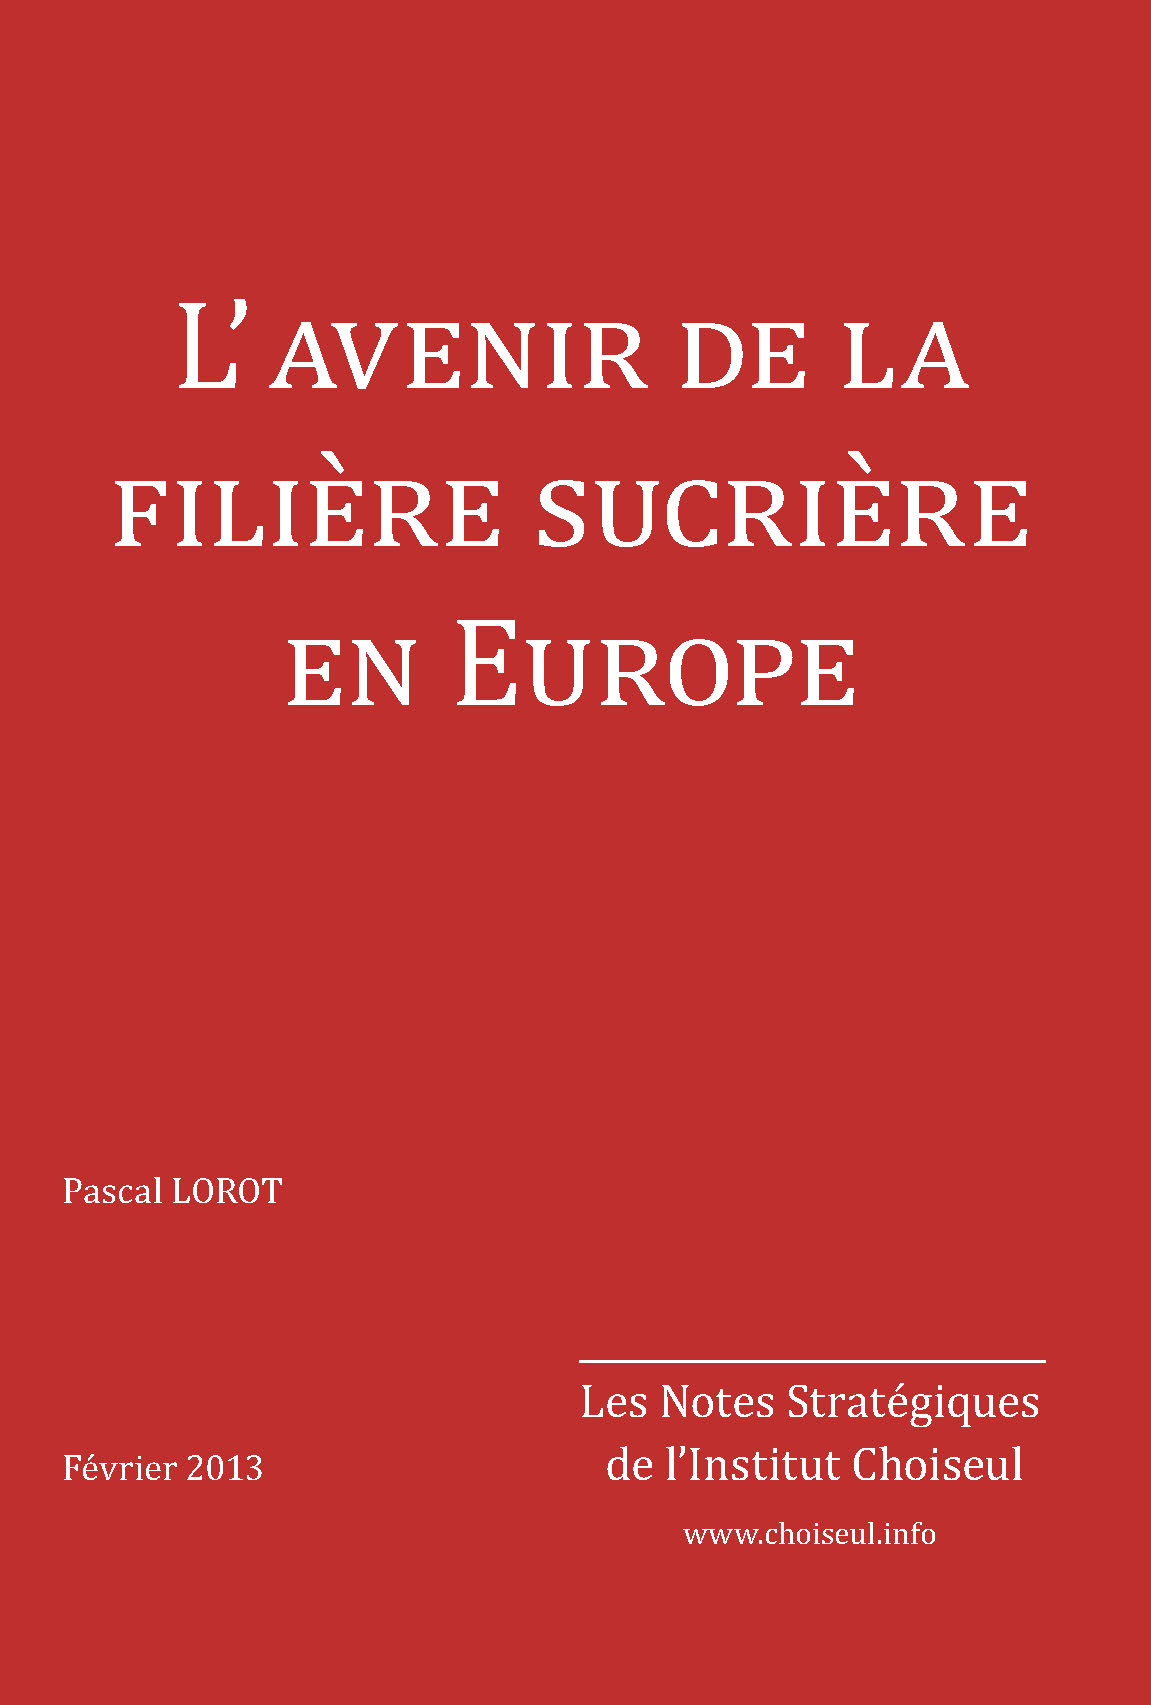 L'avenir de la filière sucrière en Europe